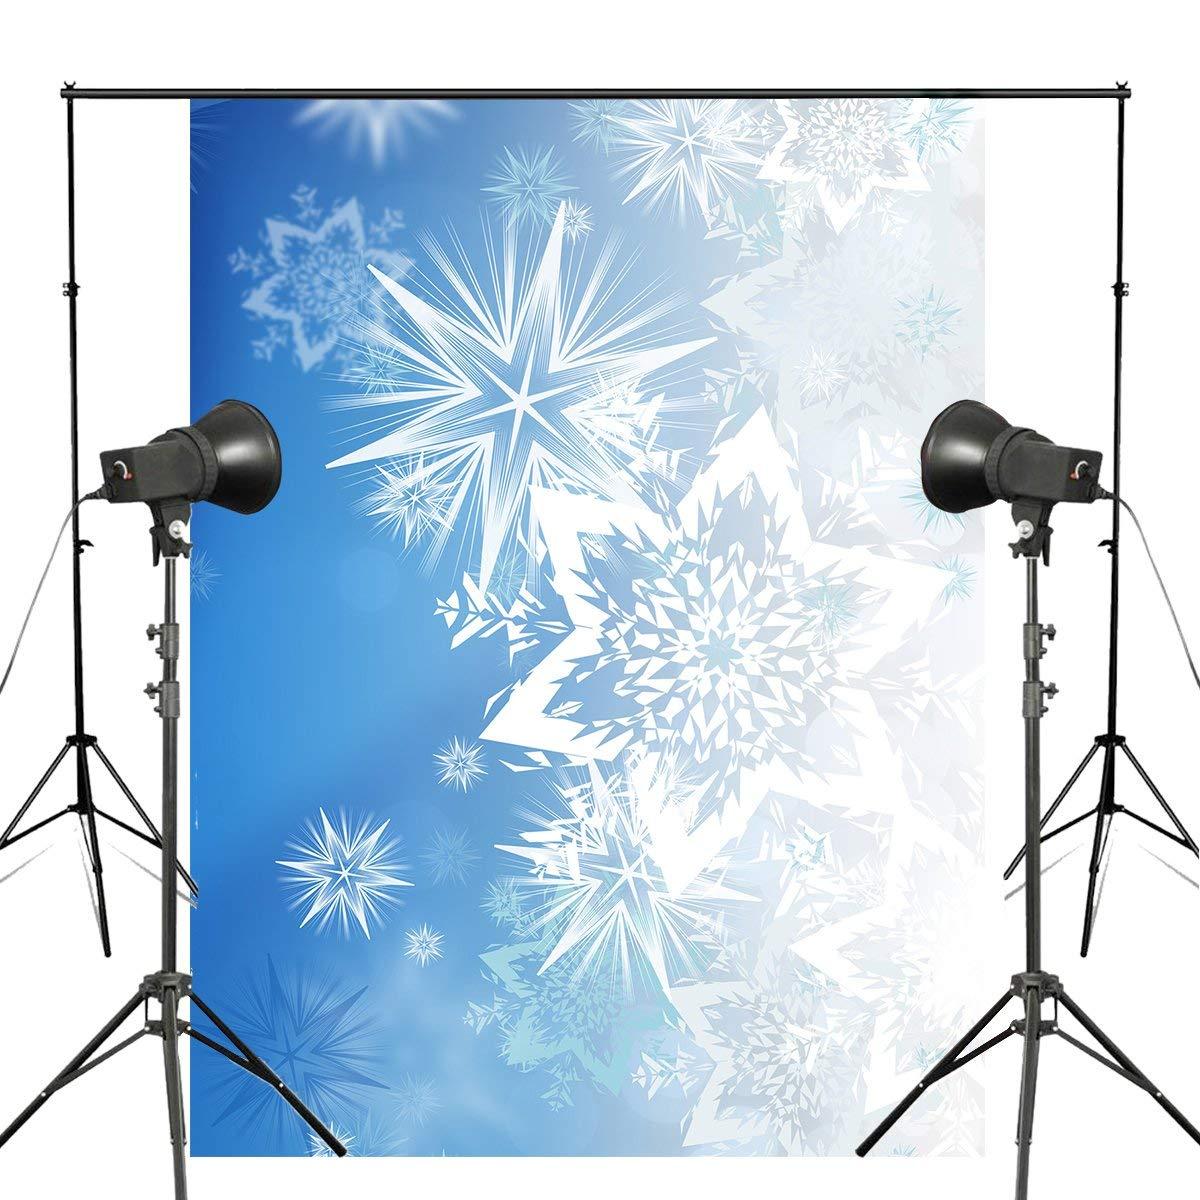 5x7 pies hermosos copos de nieve fotografía telón de fondo azul niños foto estudio fotografía pared de fondo